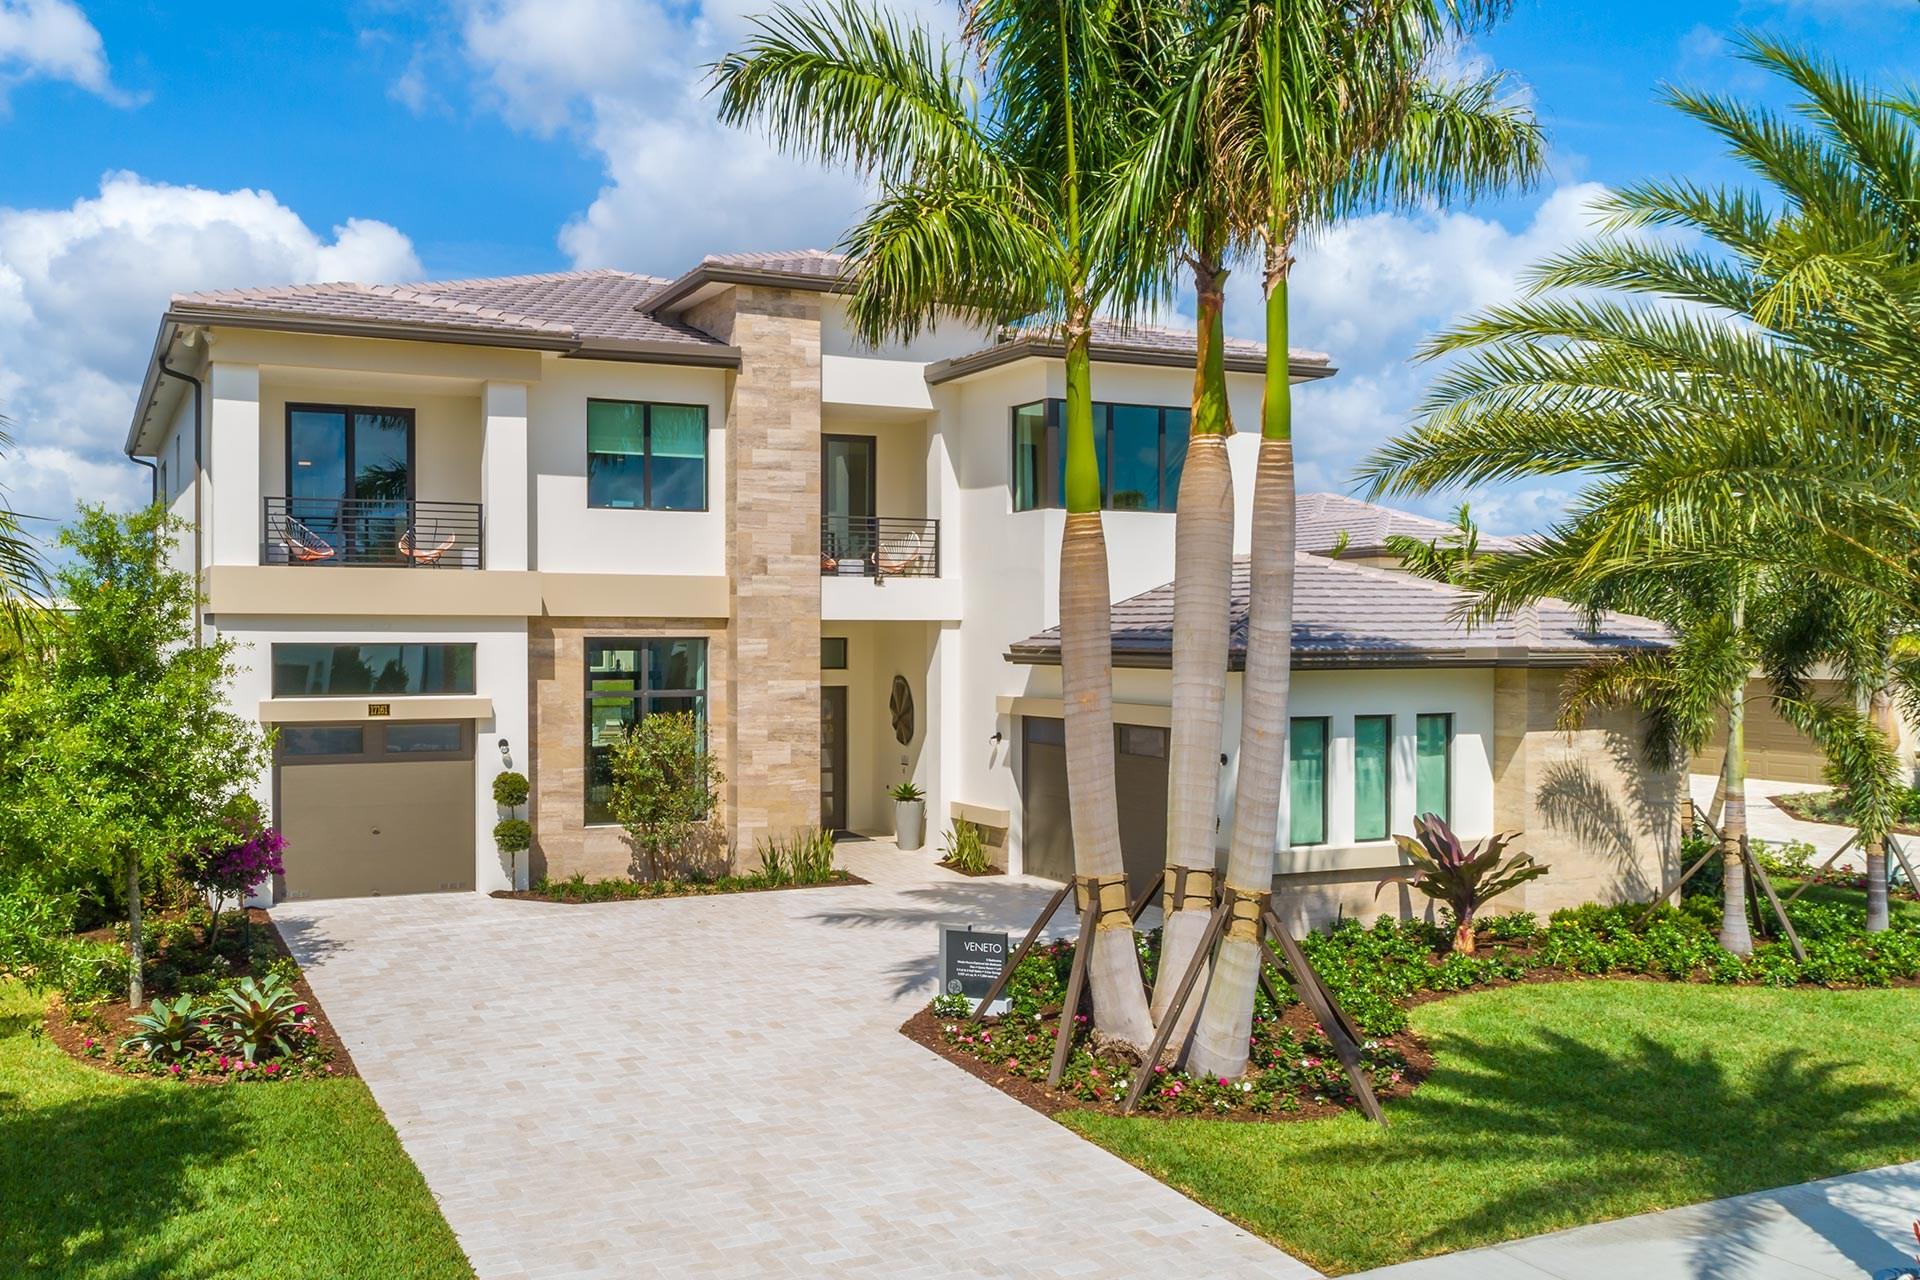 Veneto Contemporary Plan | Florida Real Estate - GL Homes on biltmore estate elevation plans, vardo camper plans, floating dock plans, new house design plans,